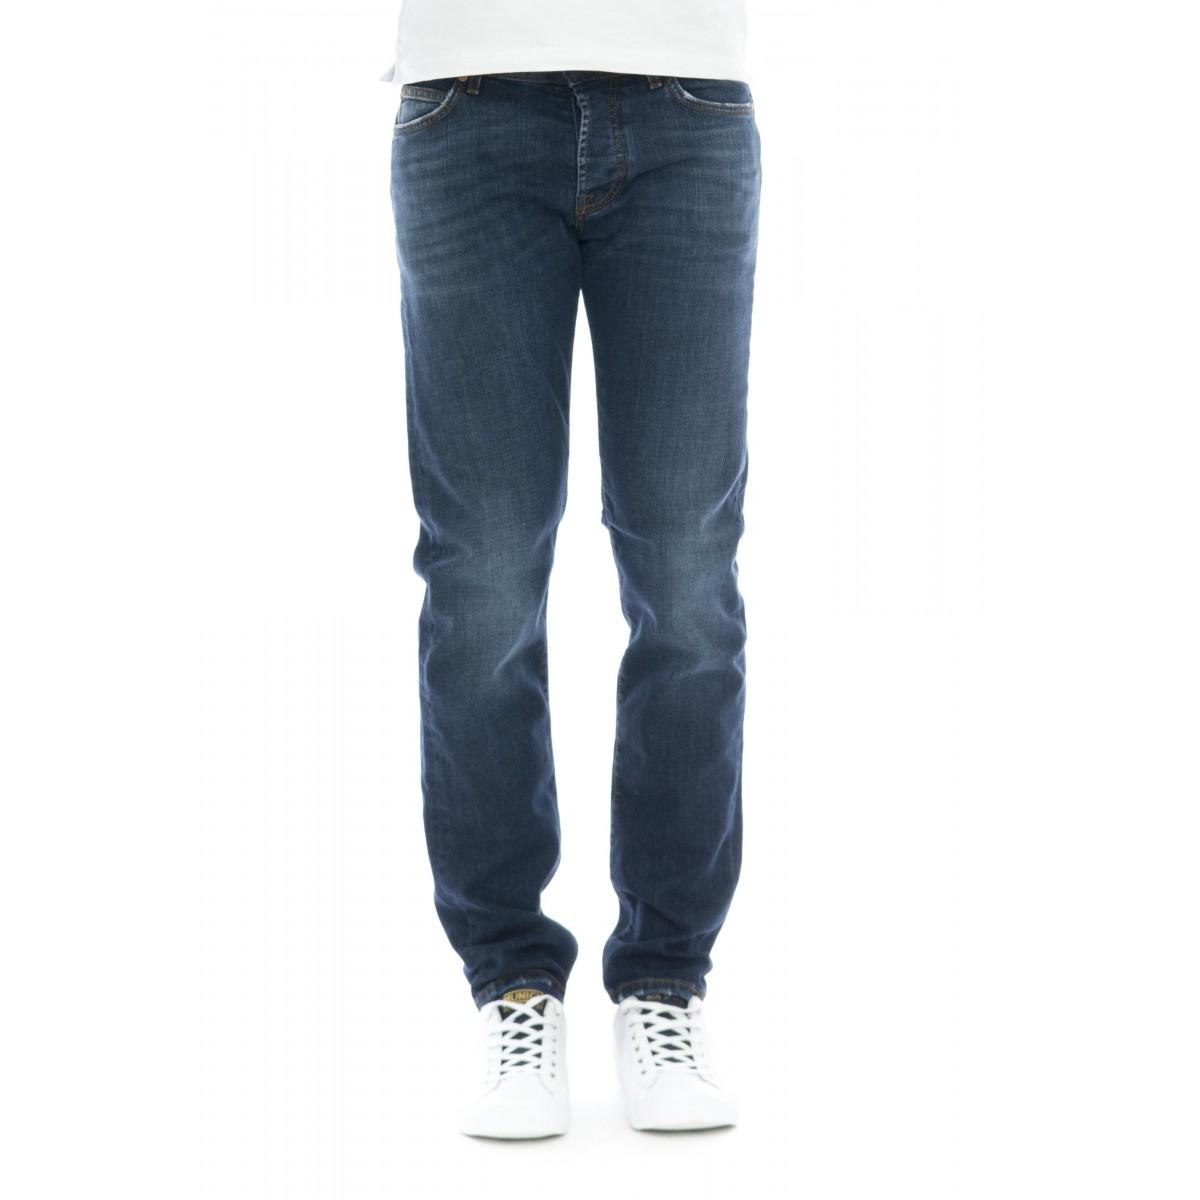 Jeans - 529 paulo jeans strech